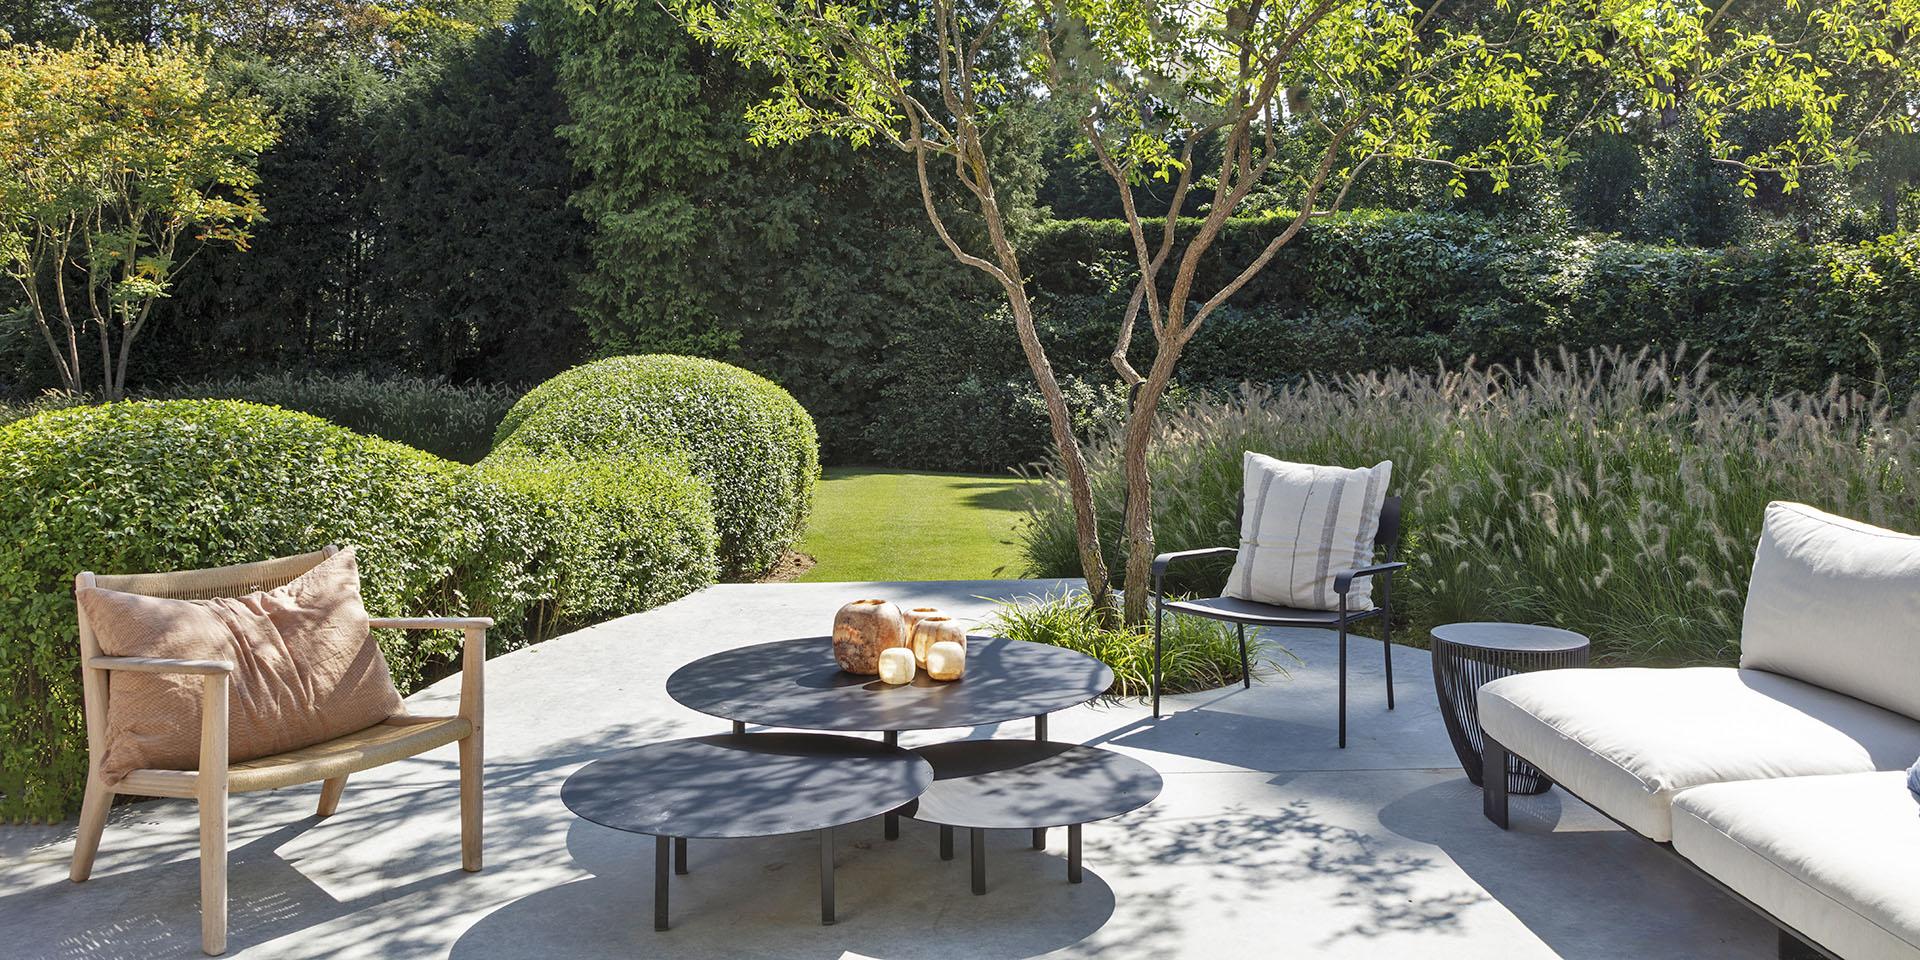 Duo Verde garden architects